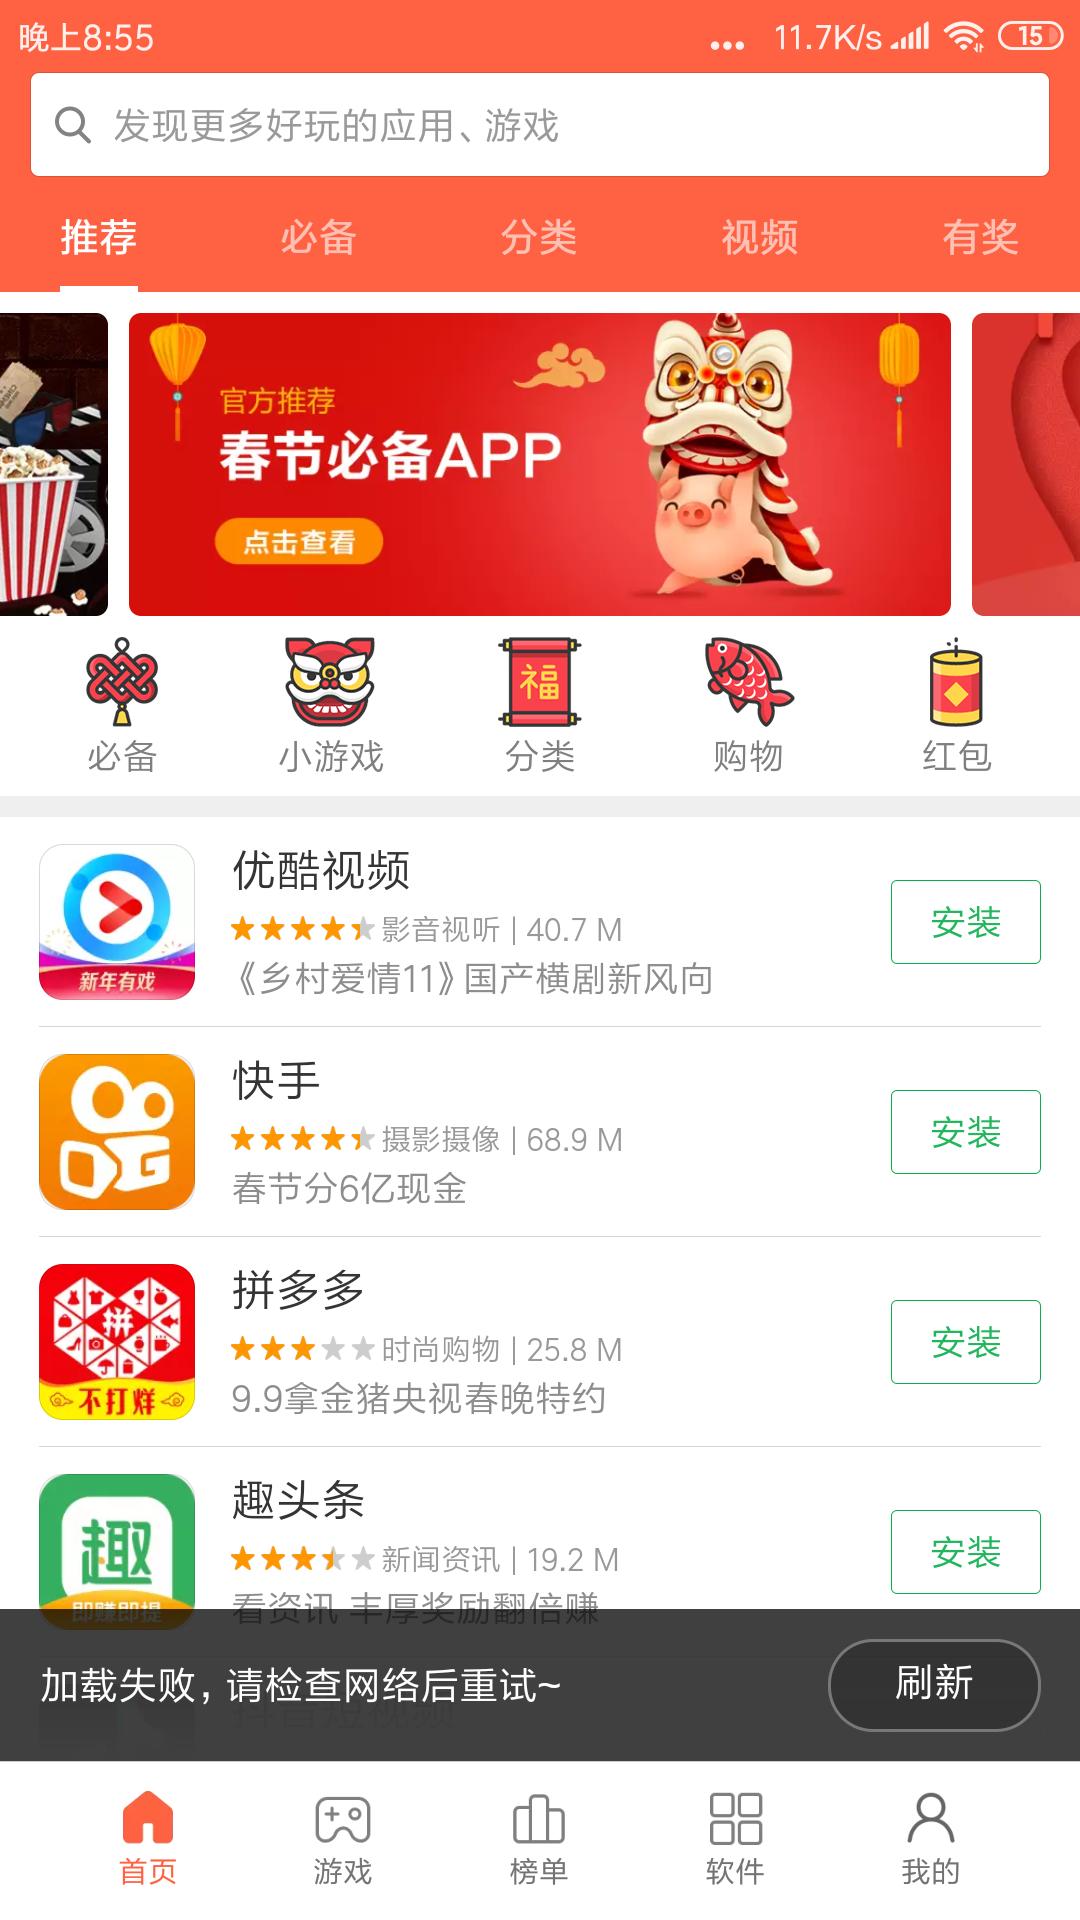 Screenshot_2019-02-04-20-55-02-617_com.xiaomi.market.png